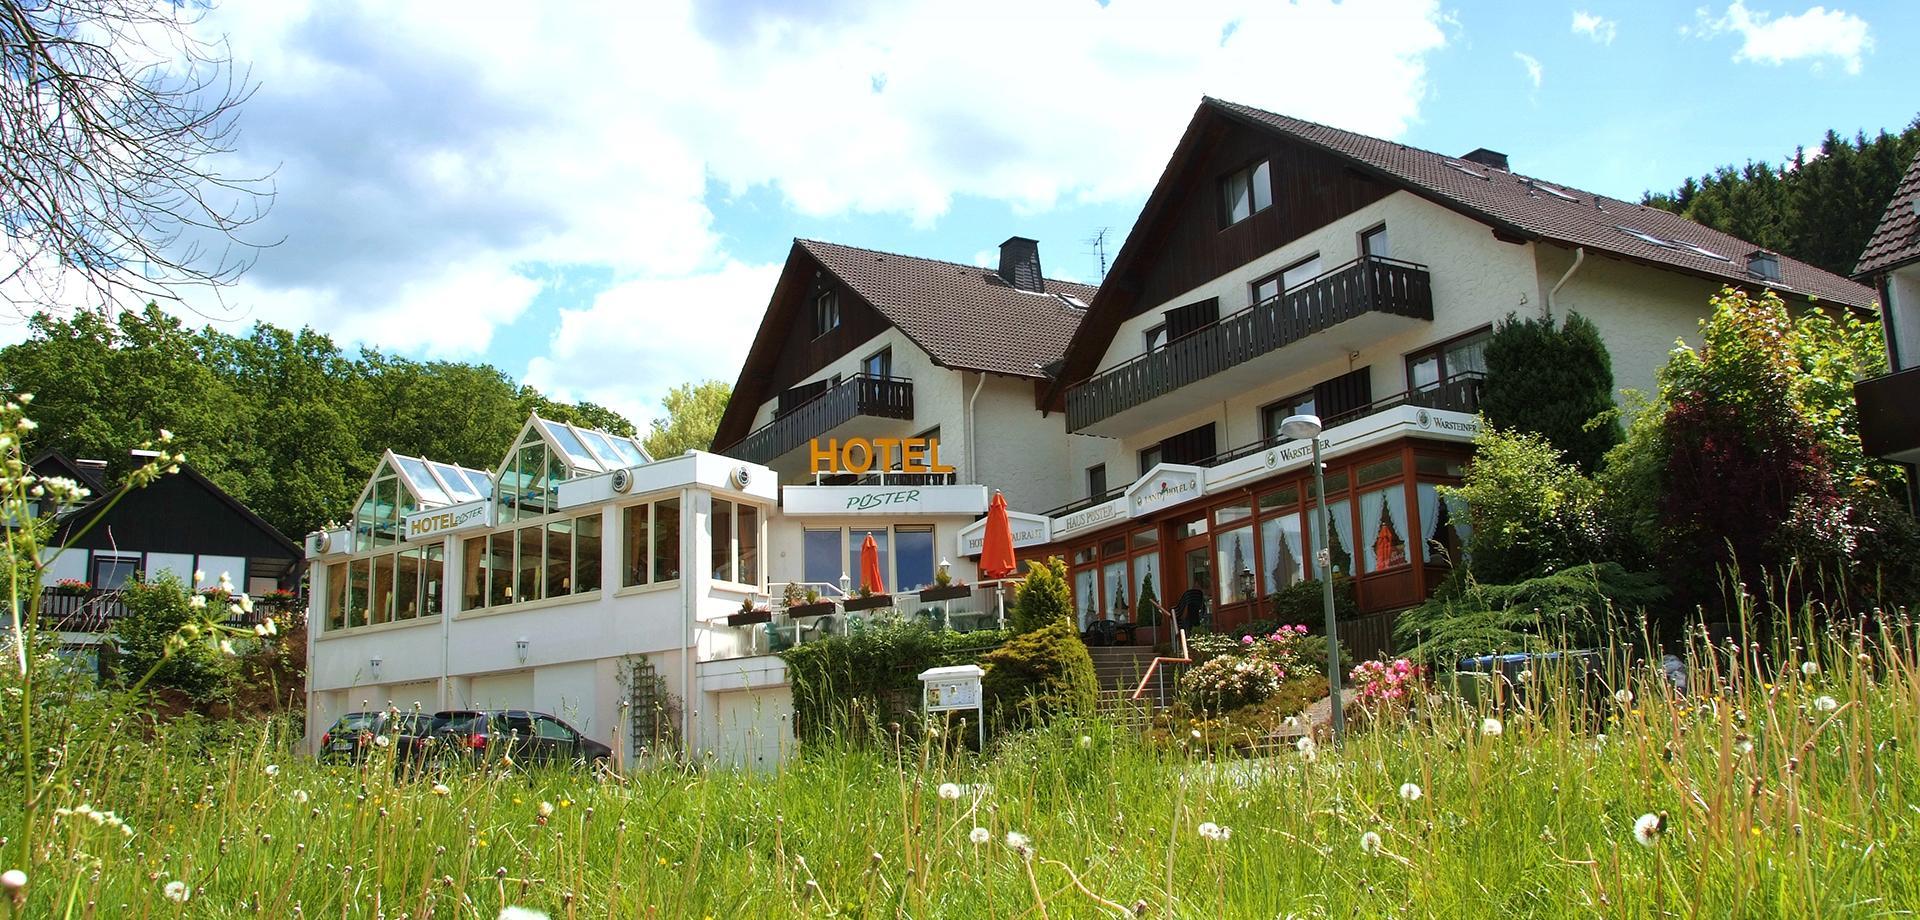 Hotel Püster im Sauerland